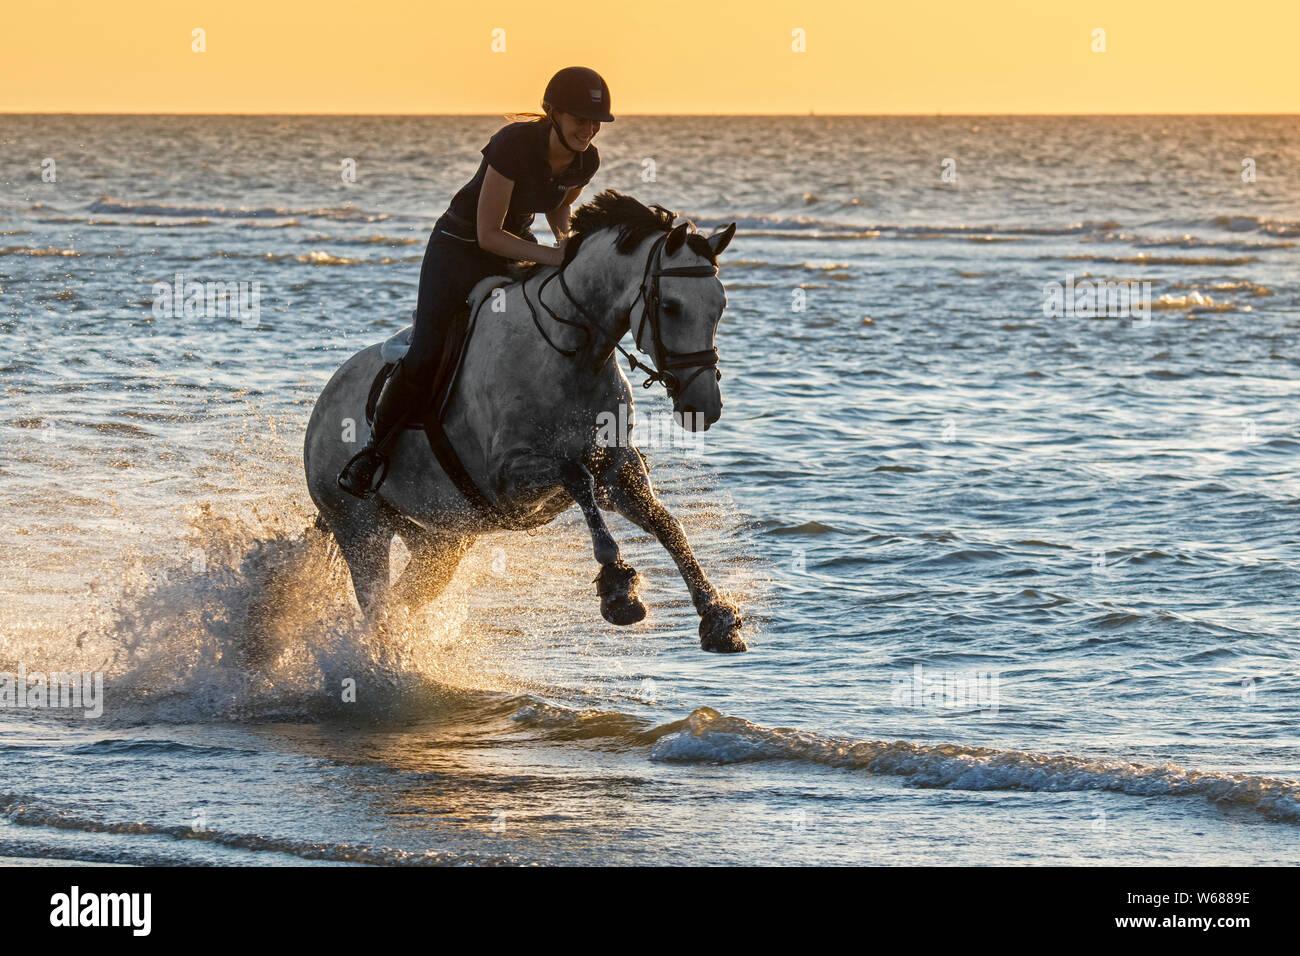 Amazona / Mujer jinete a caballo al galope a través de aguas poco profundas en la playa en la costa del Mar del Norte Foto de stock